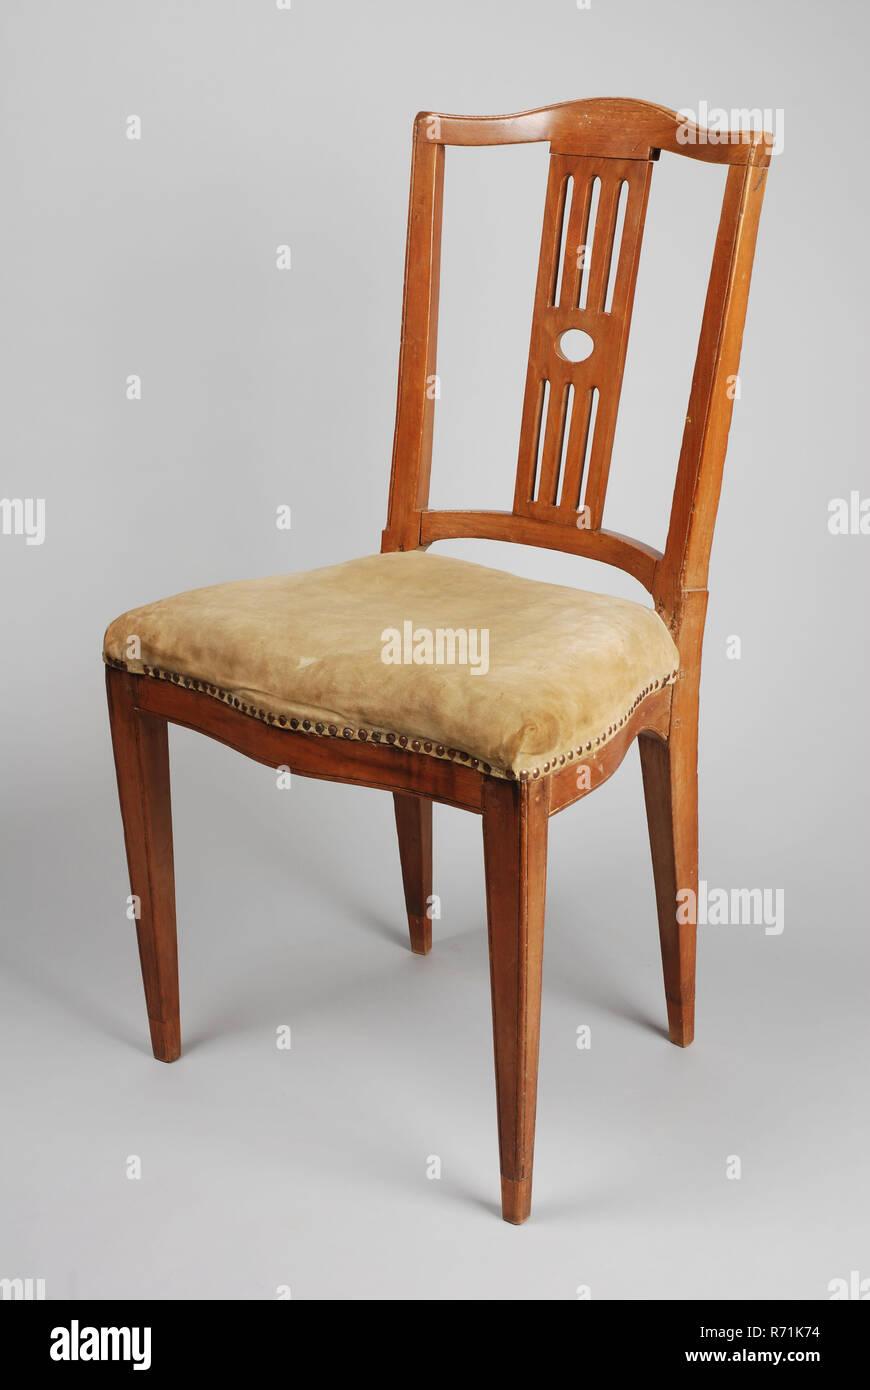 Egret chair chair furniture furniture interior design wood elm beechwood mahogany velvet openwork backrest with four bars green gray velor upholstery